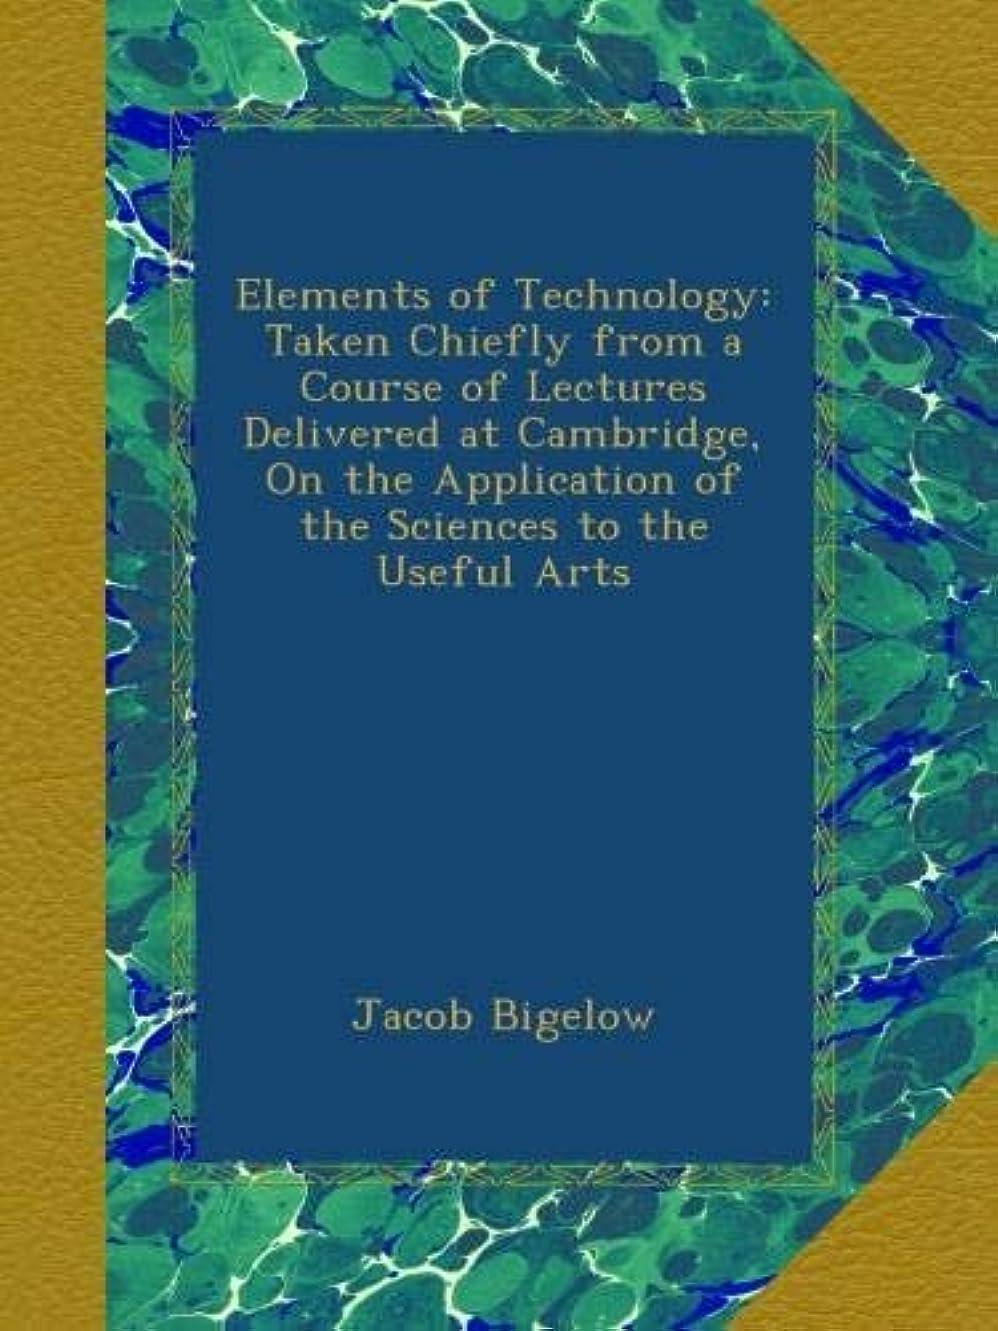 ジョブ甘味配送Elements of Technology: Taken Chiefly from a Course of Lectures Delivered at Cambridge, On the Application of the Sciences to the Useful Arts